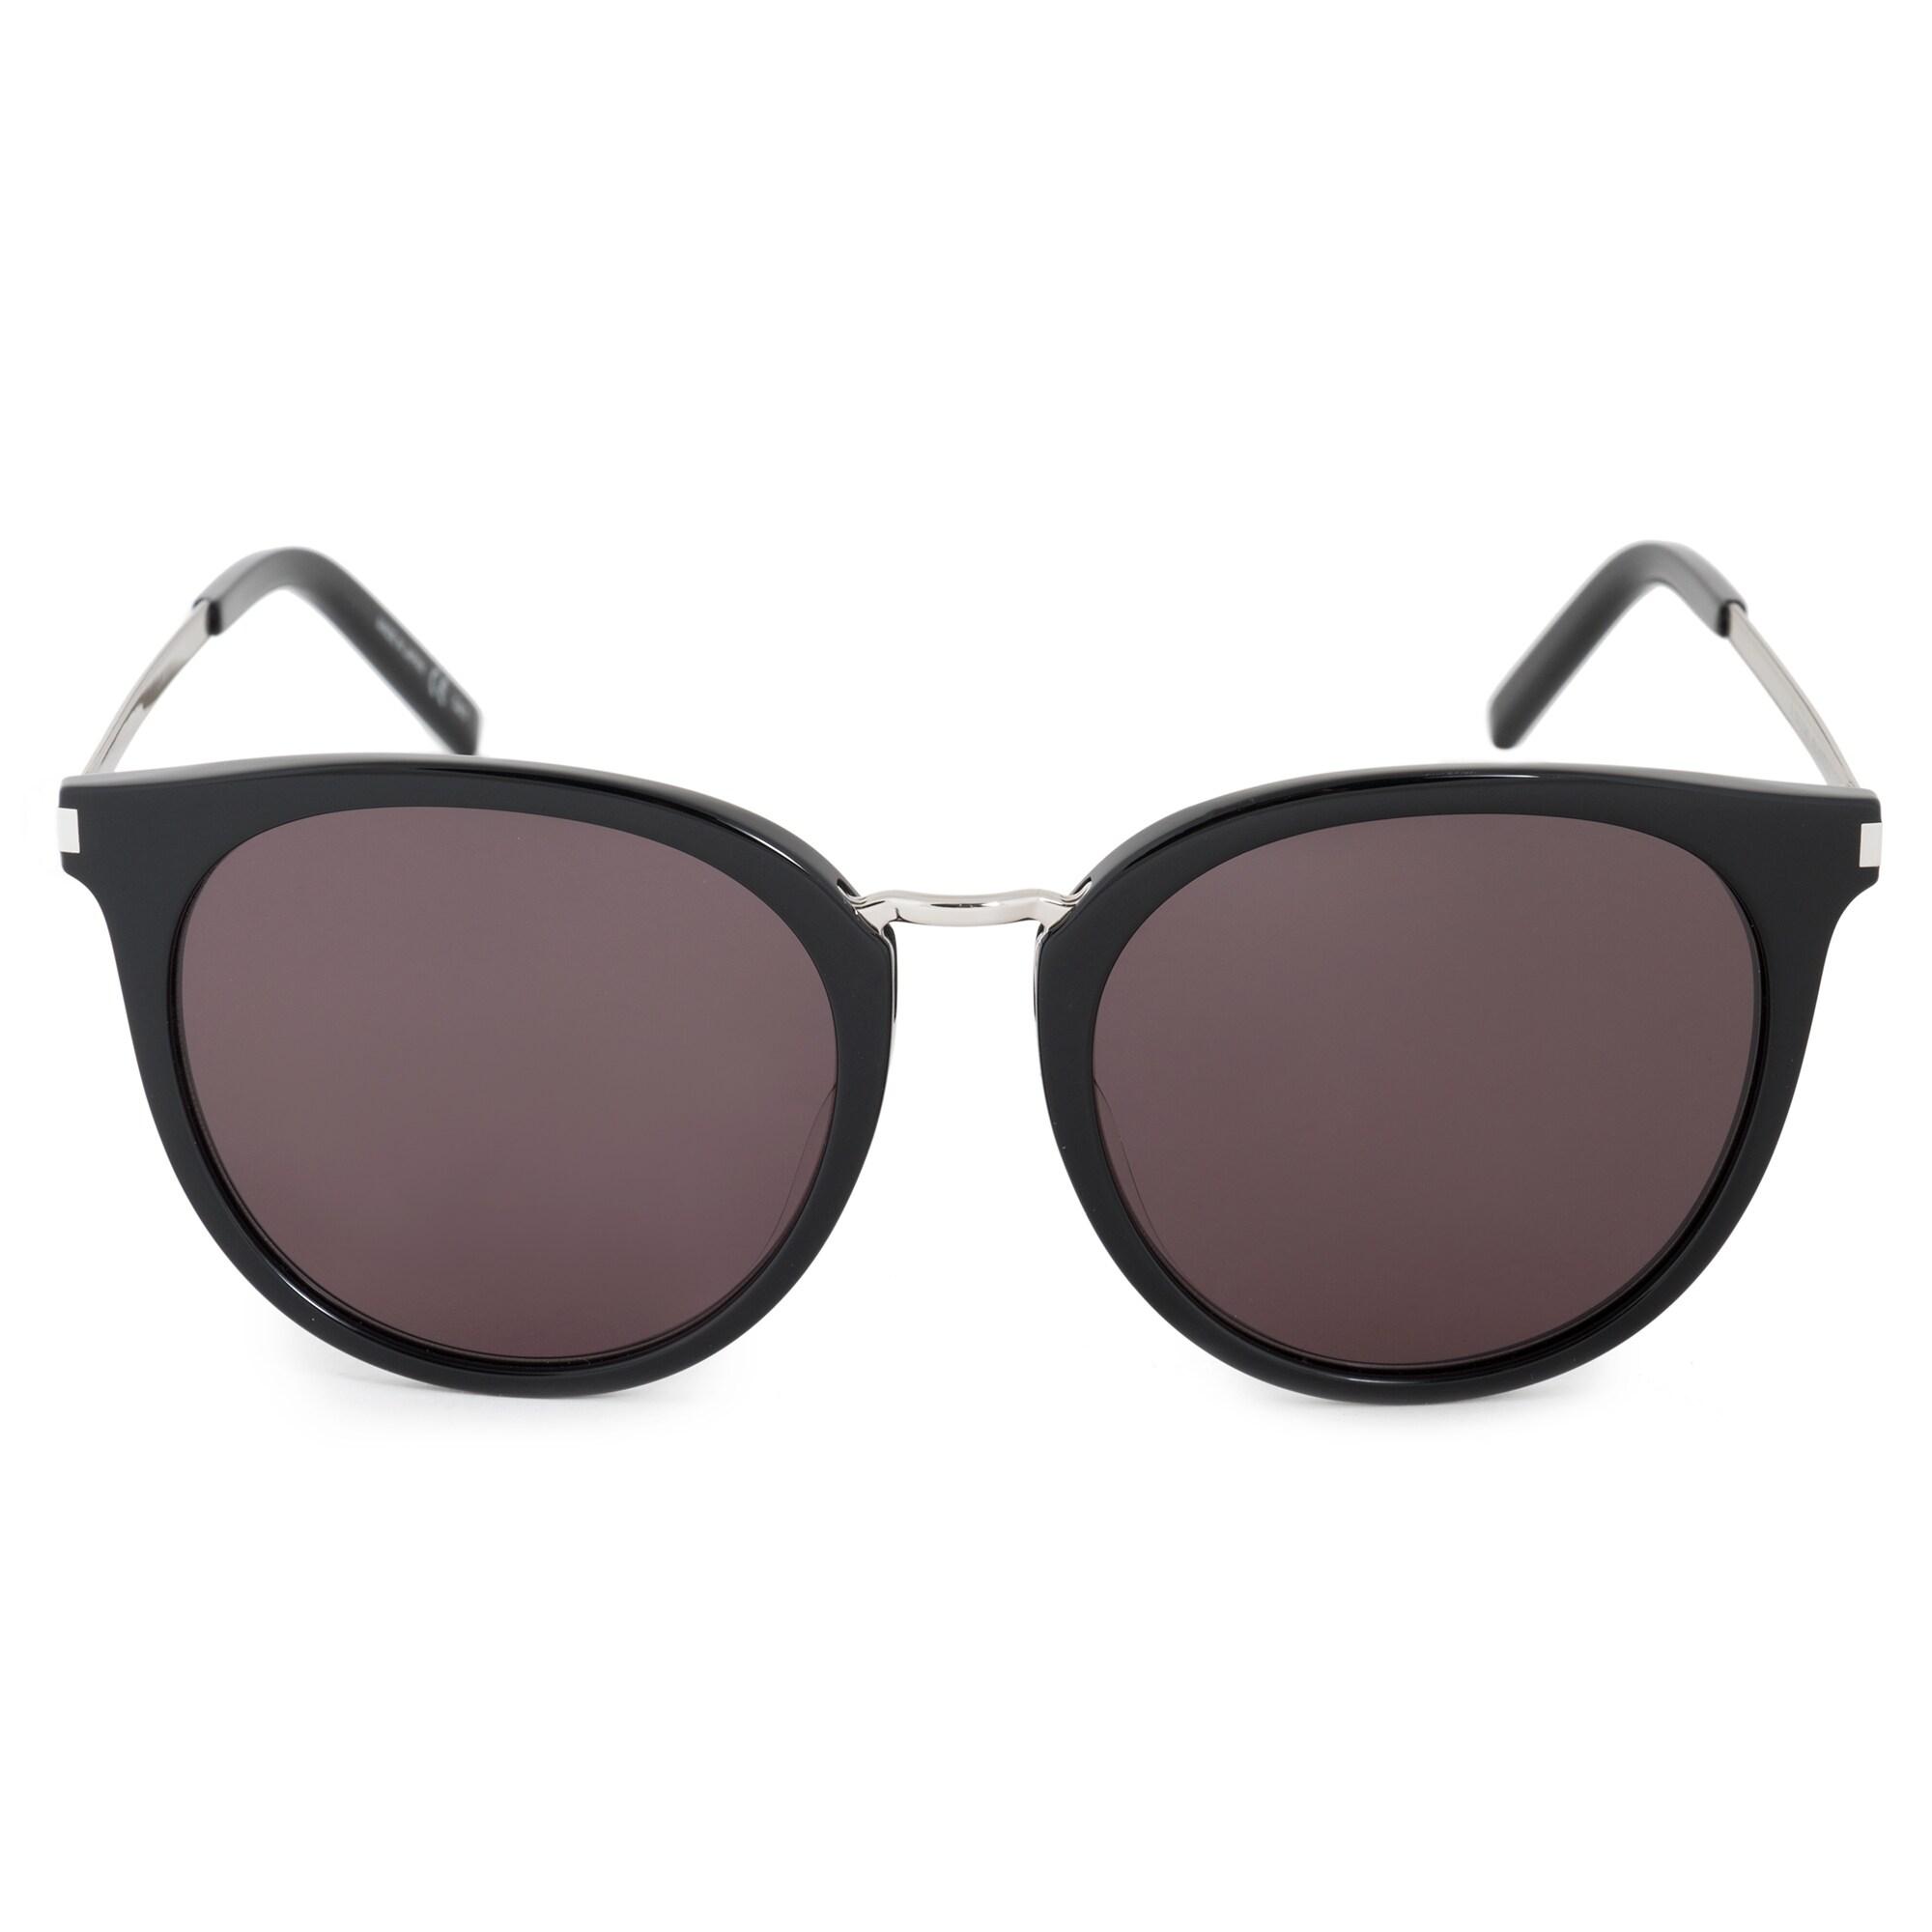 0c4e338639a Saint Laurent Sunglasses | Shop our Best Clothing & Shoes Deals Online at  Overstock